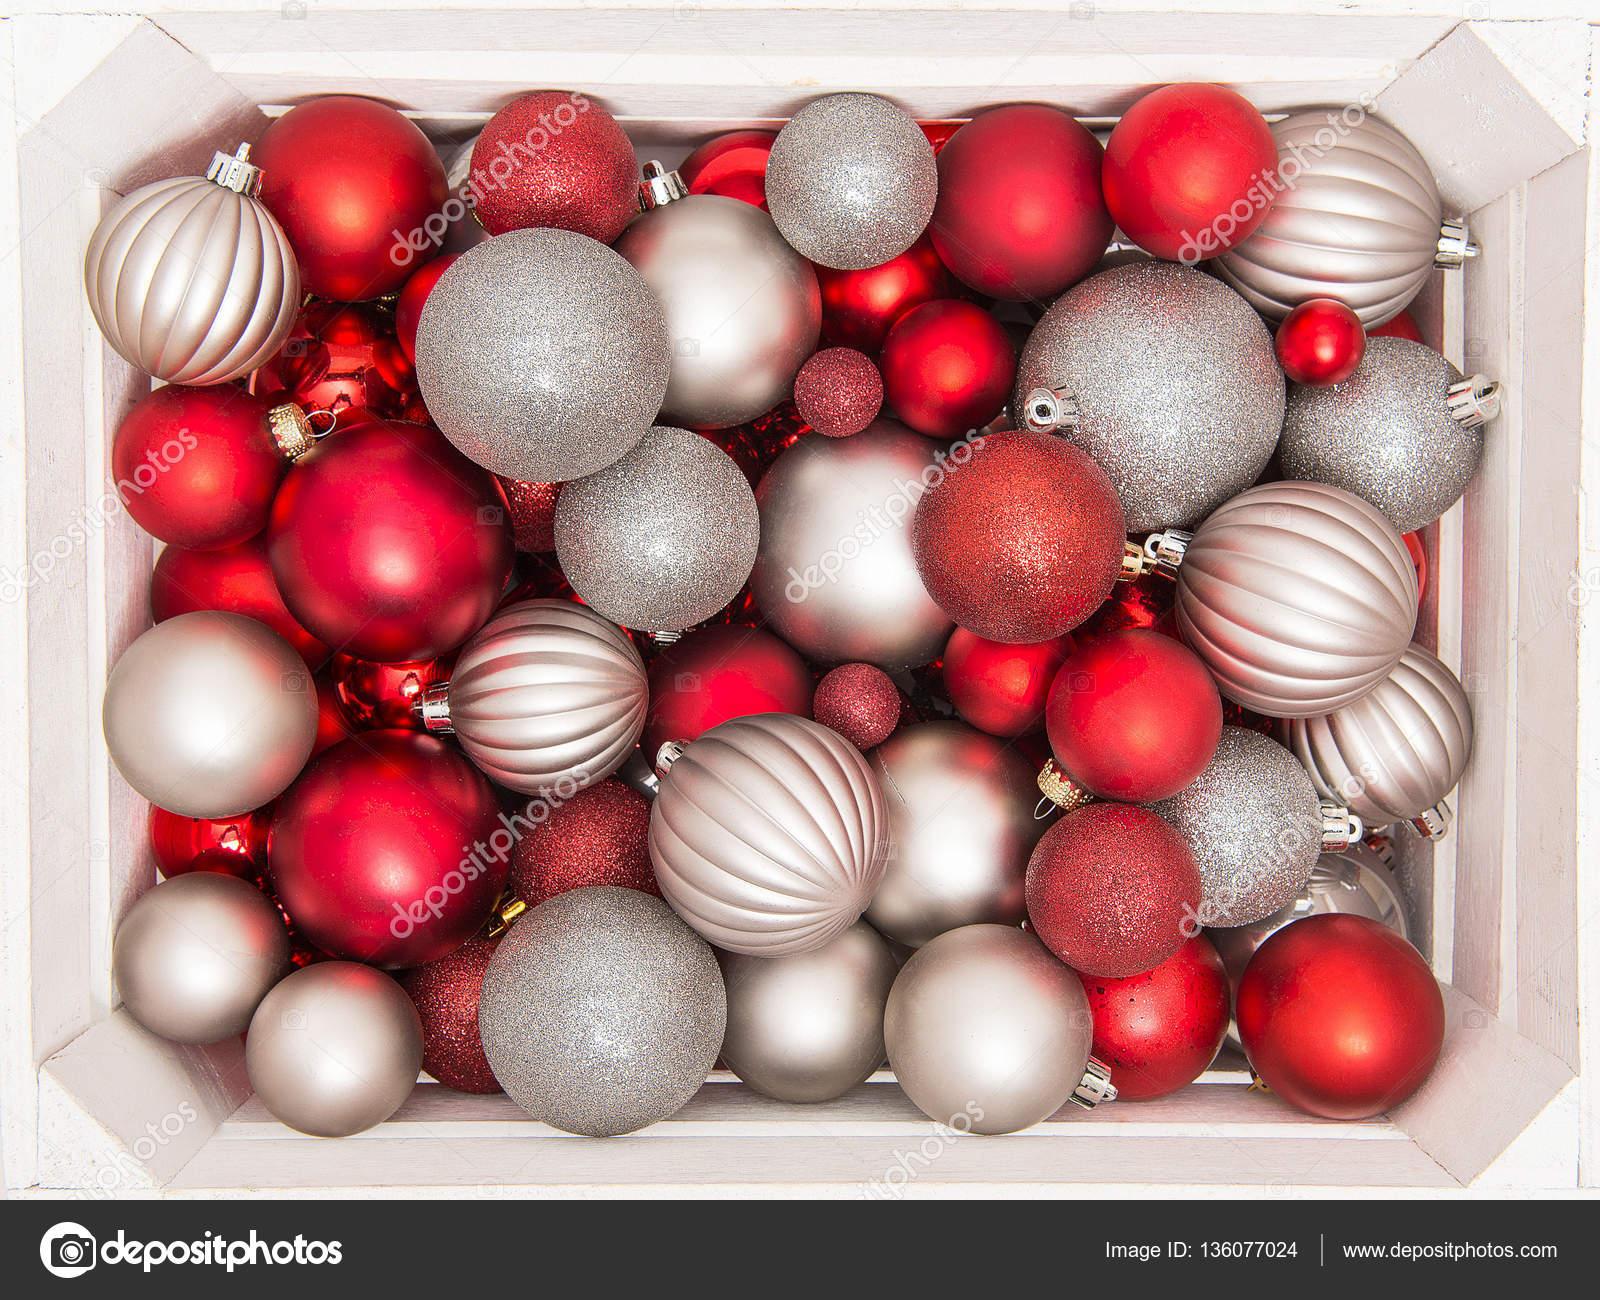 Kerstdecoraties Met Rood : Zilveren en rode kerstdecoratie in een witte houten krat u2014 stockfoto